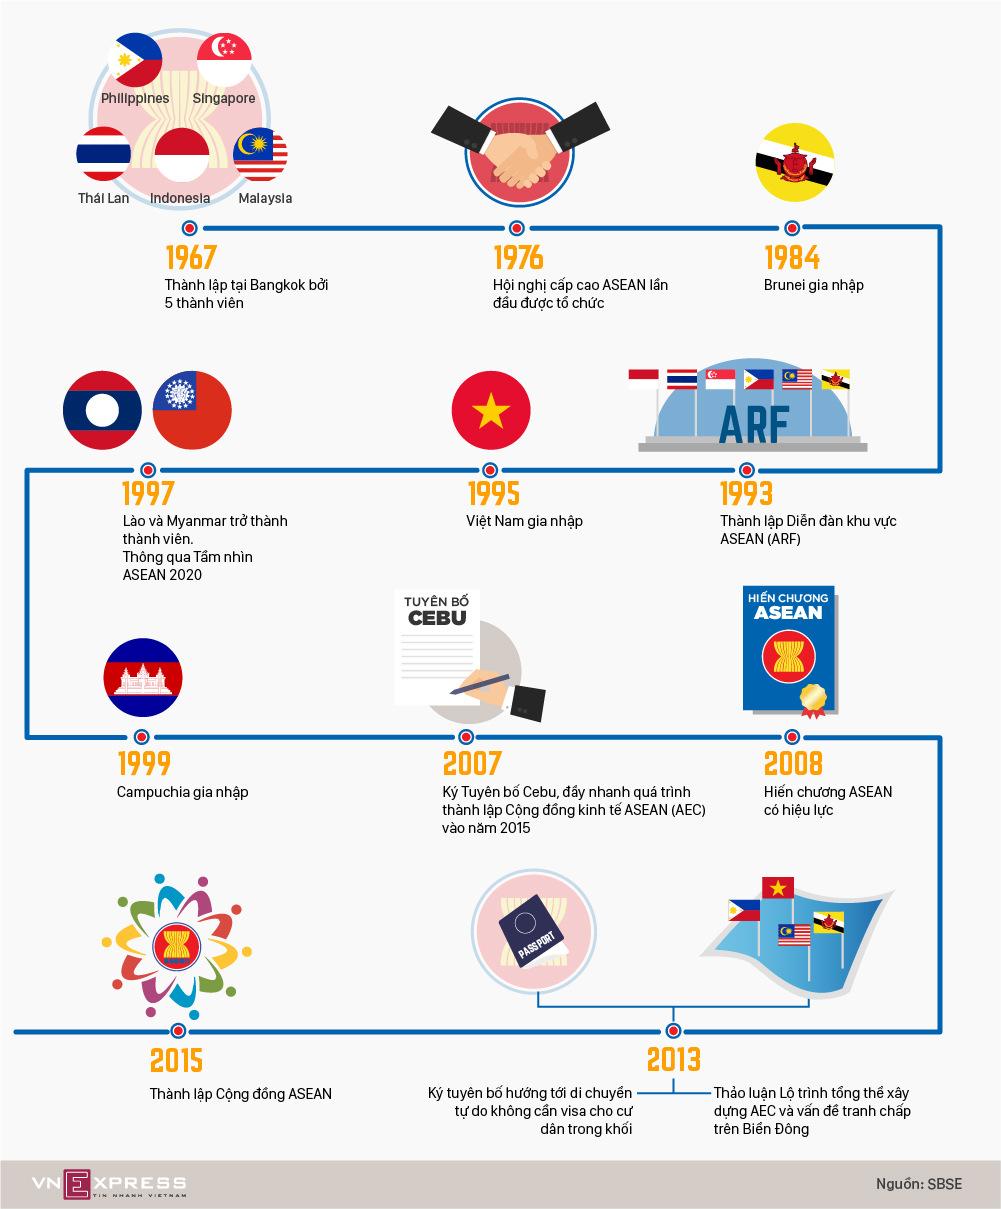 Những dấu mốc nổi bật trong 50 năm phát triển của ASEAN